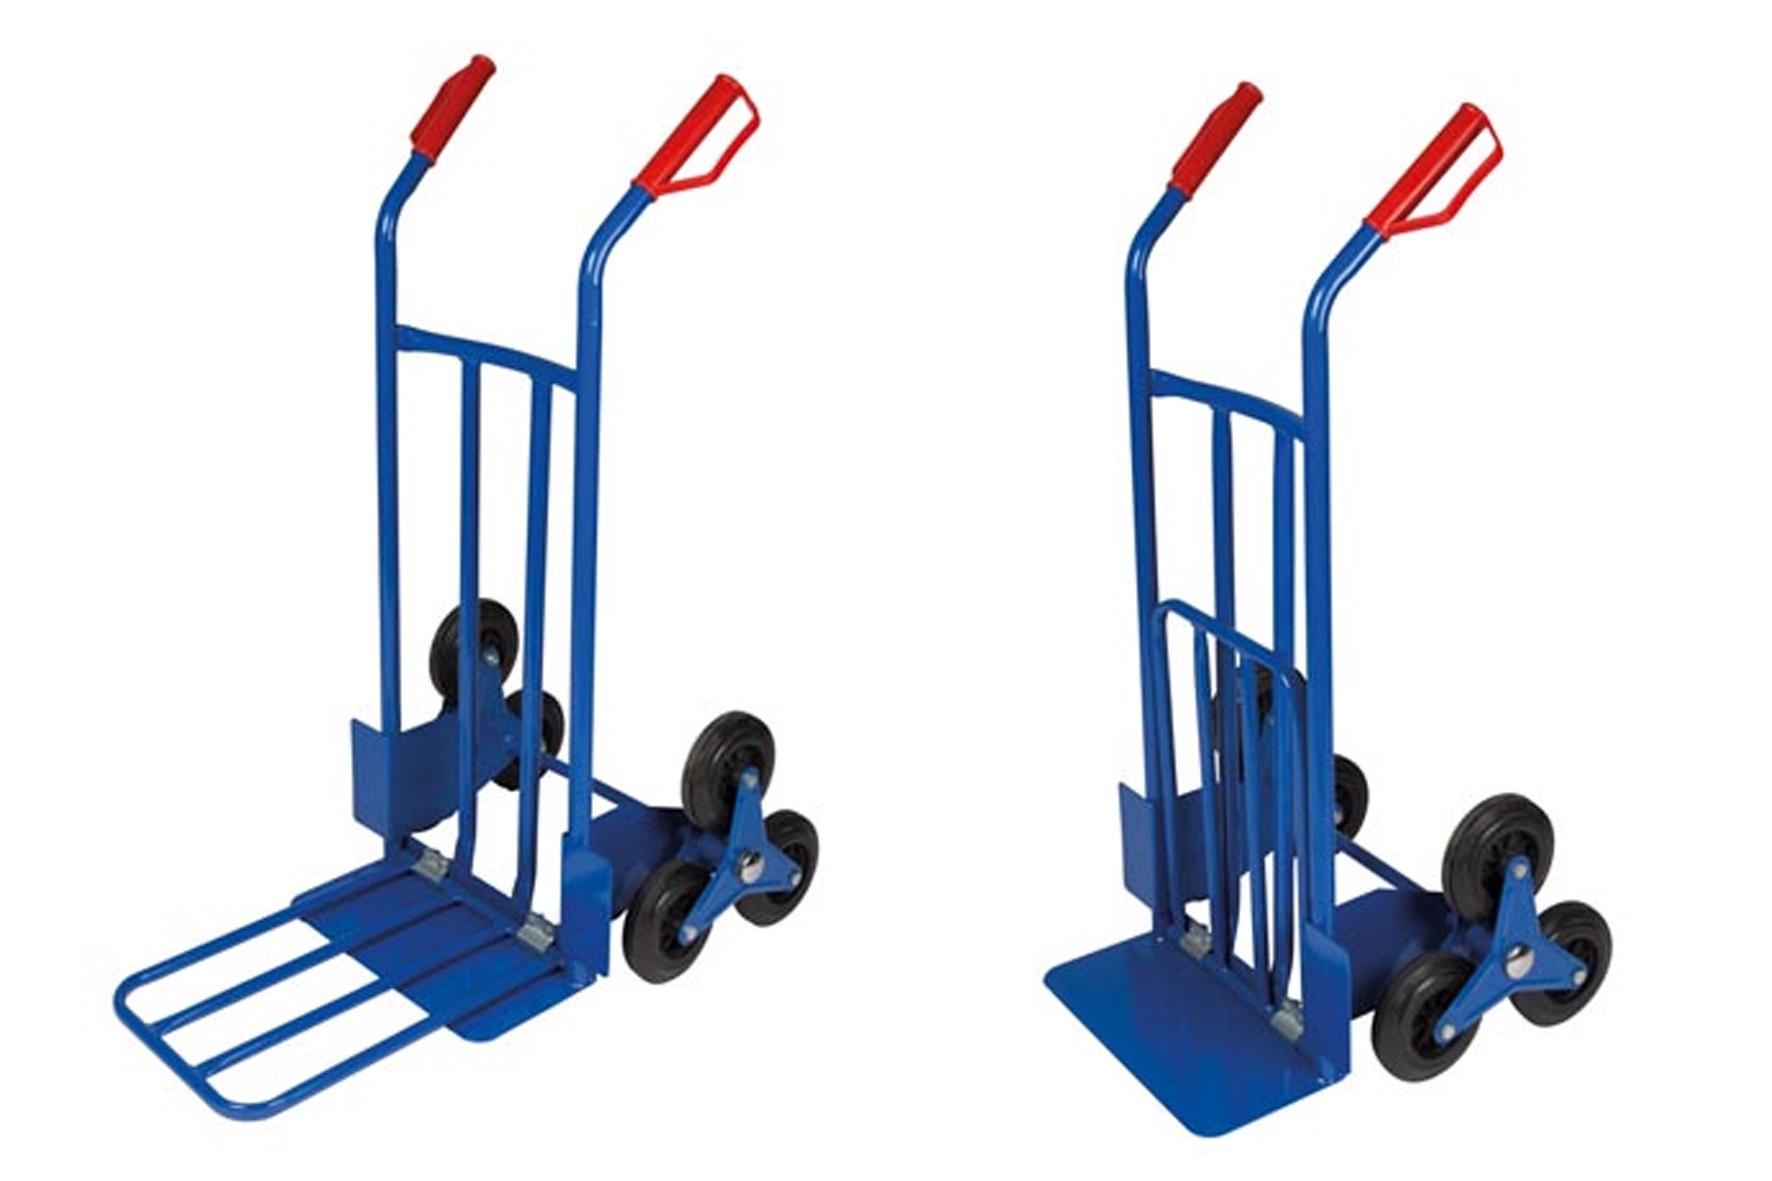 diable 6 roues 200 kg achat en ligne ou dans notre magasin. Black Bedroom Furniture Sets. Home Design Ideas